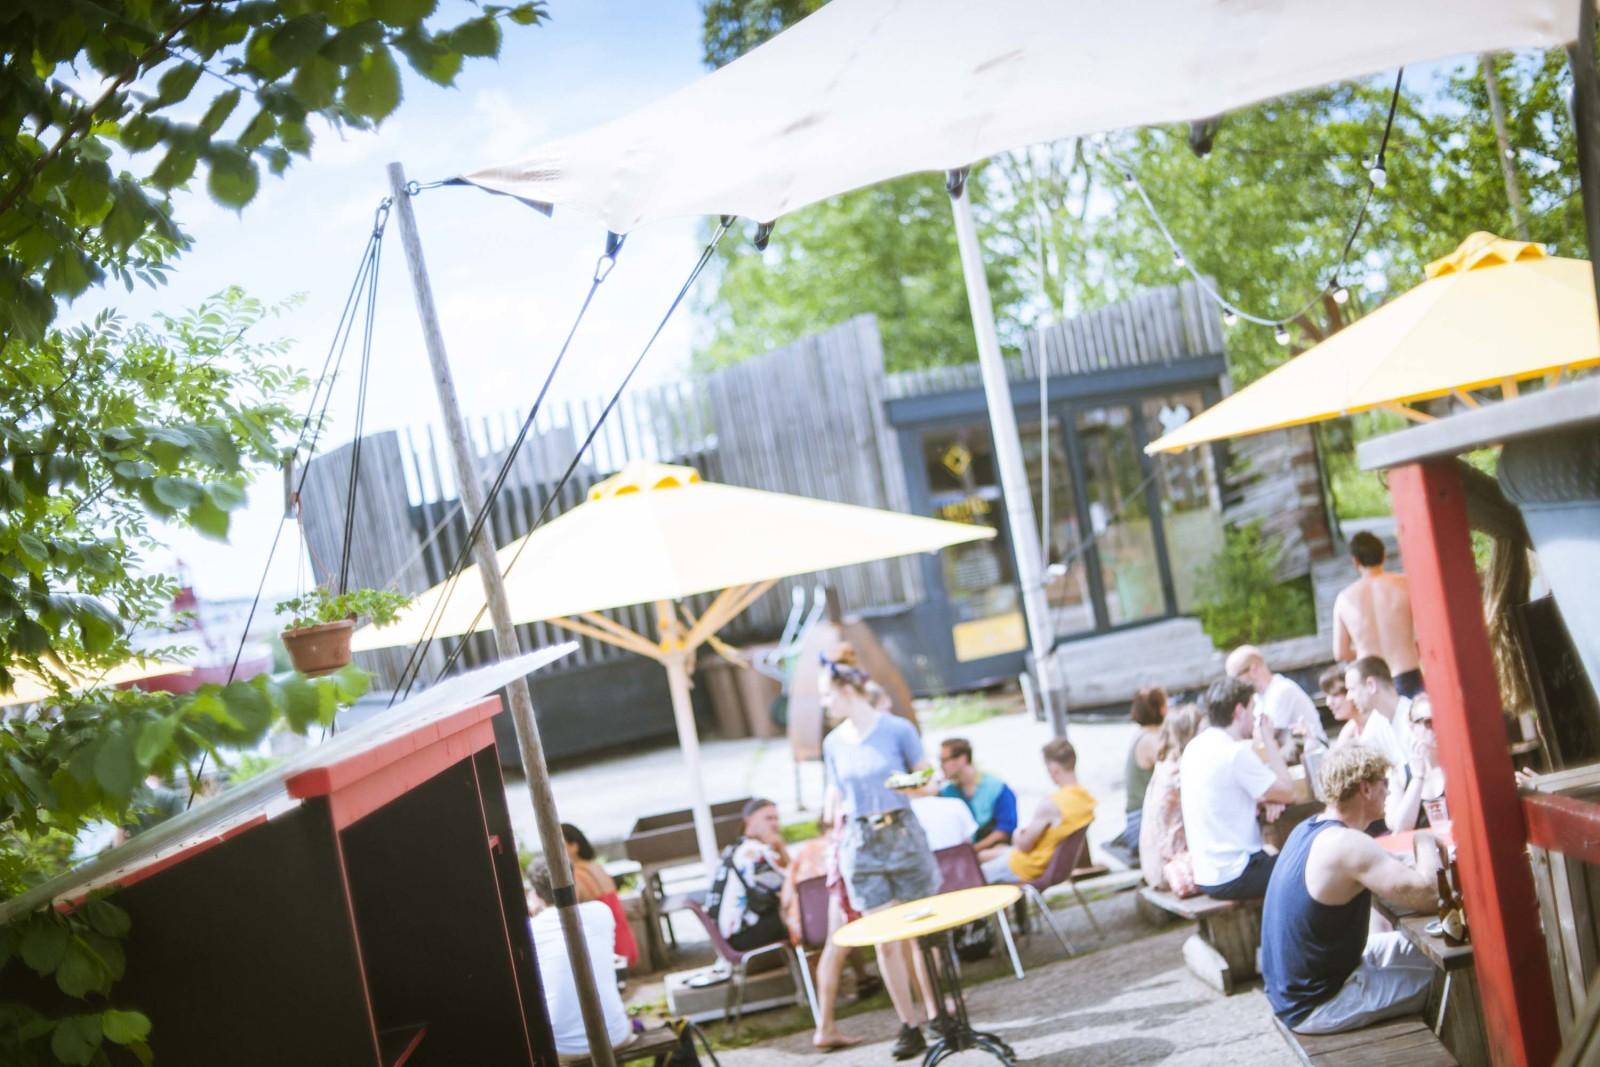 『Café De Ceuvel』は『De Ceuvel』の一角にある。汚染された元・造船所跡地をアーティストや企業家がオフィス、カフェなどクリエイティブビレッジとして再生。水質浄化、エネルギー循環、地域通貨など、さまざまな実験的取り組みが行われていた。